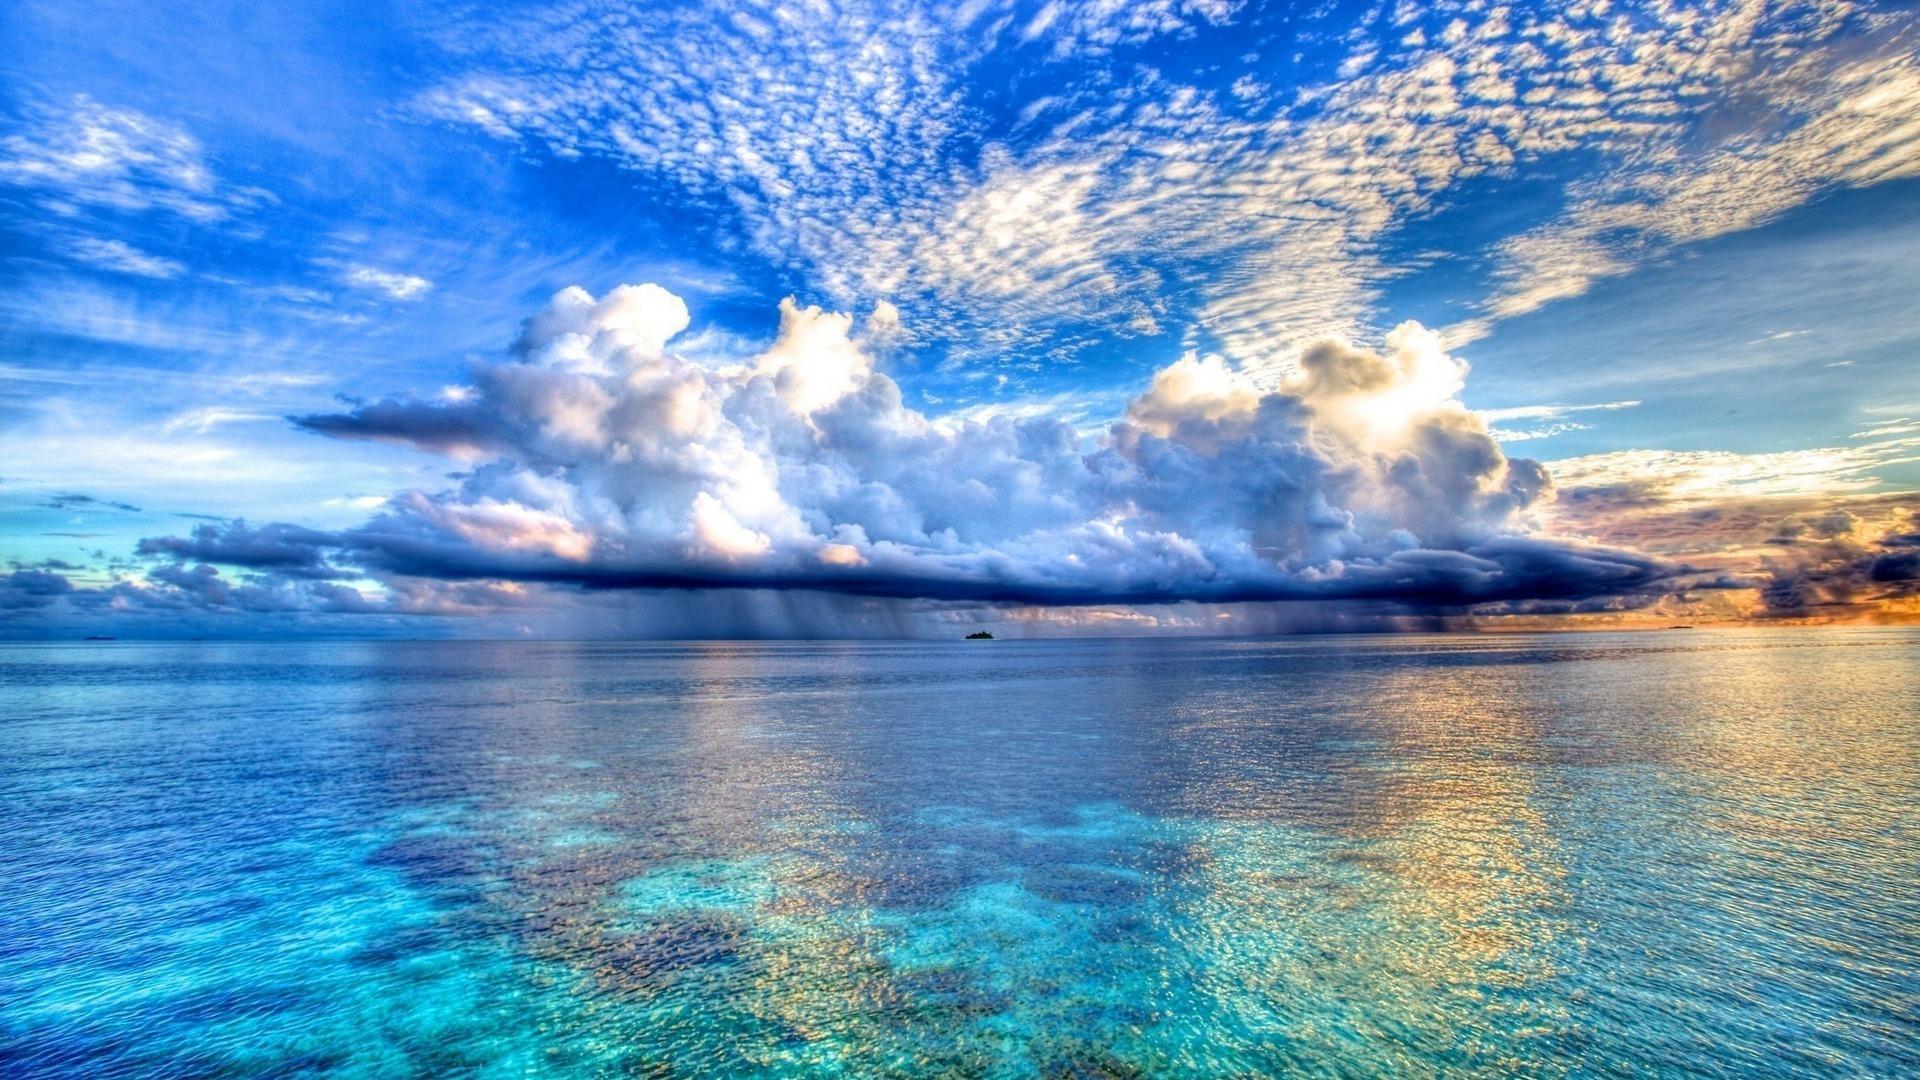 ocean wallpaper clouds HD Desktop Wallpapers